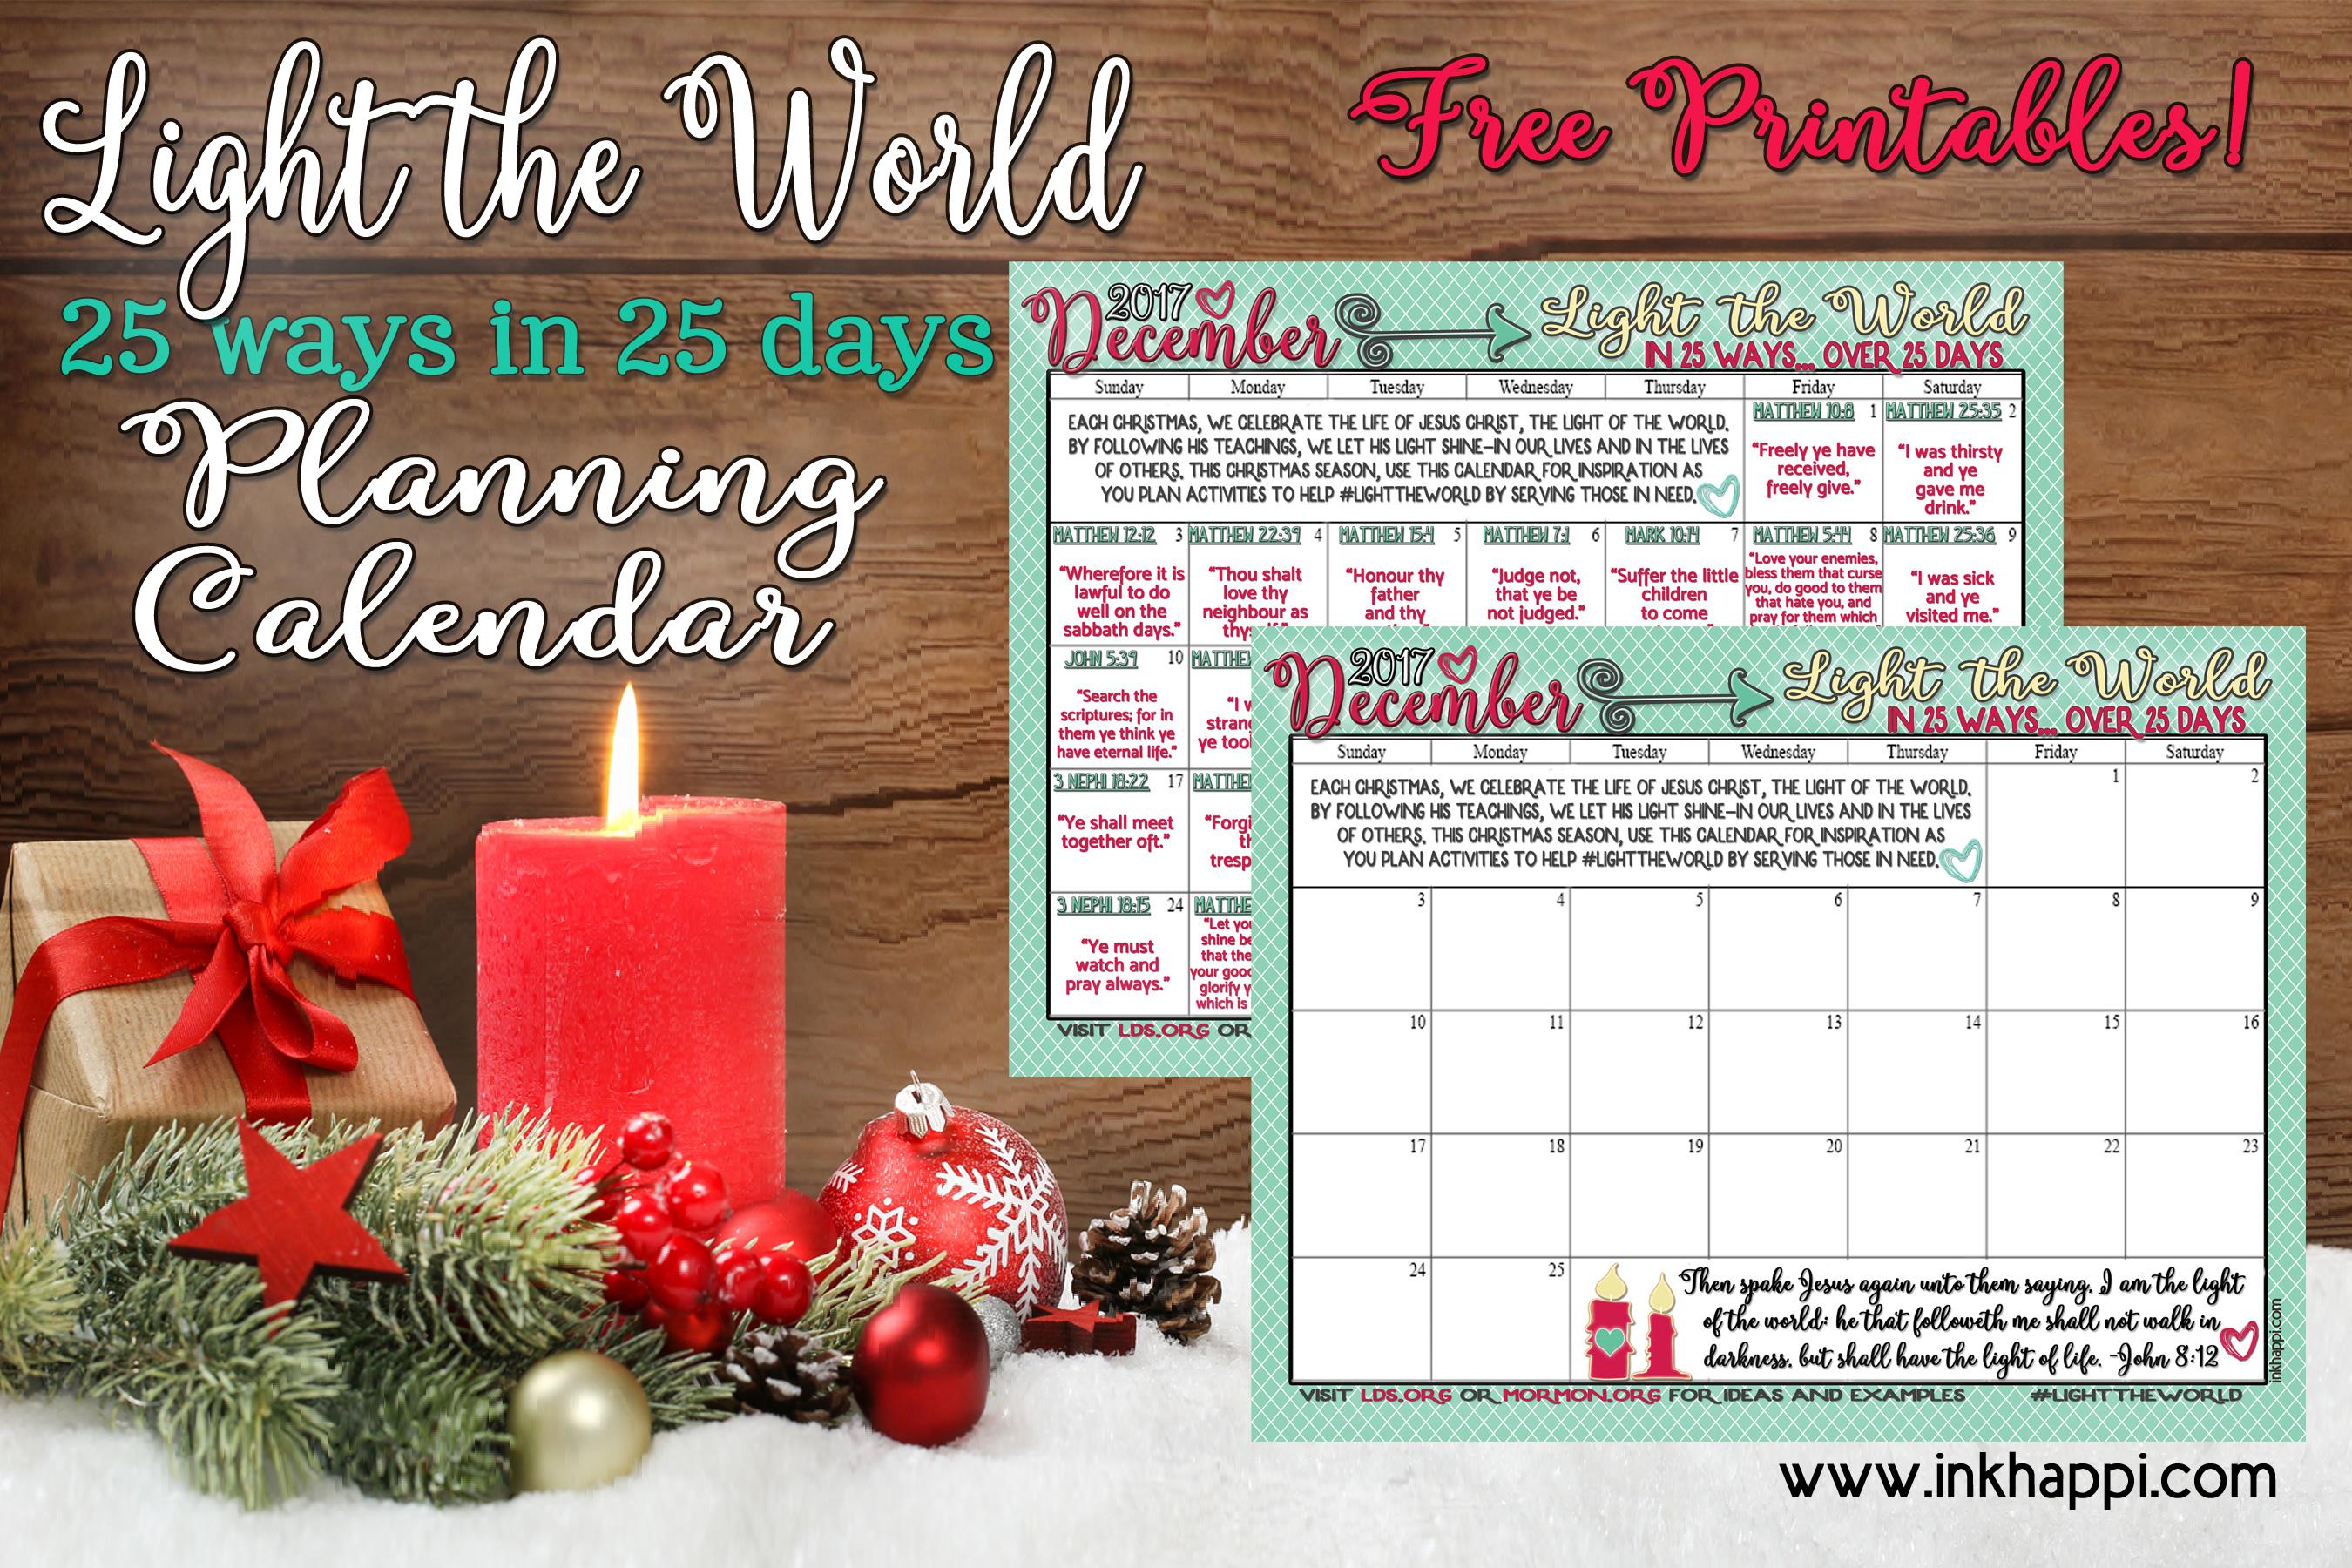 Light the World Christmas 2017 This Christmas